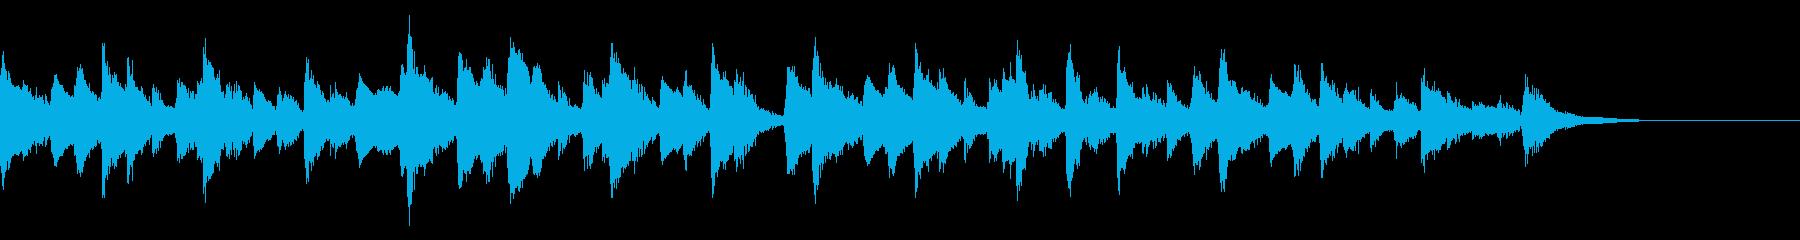 エルガー愛の挨拶~サンバカンソン風~の再生済みの波形